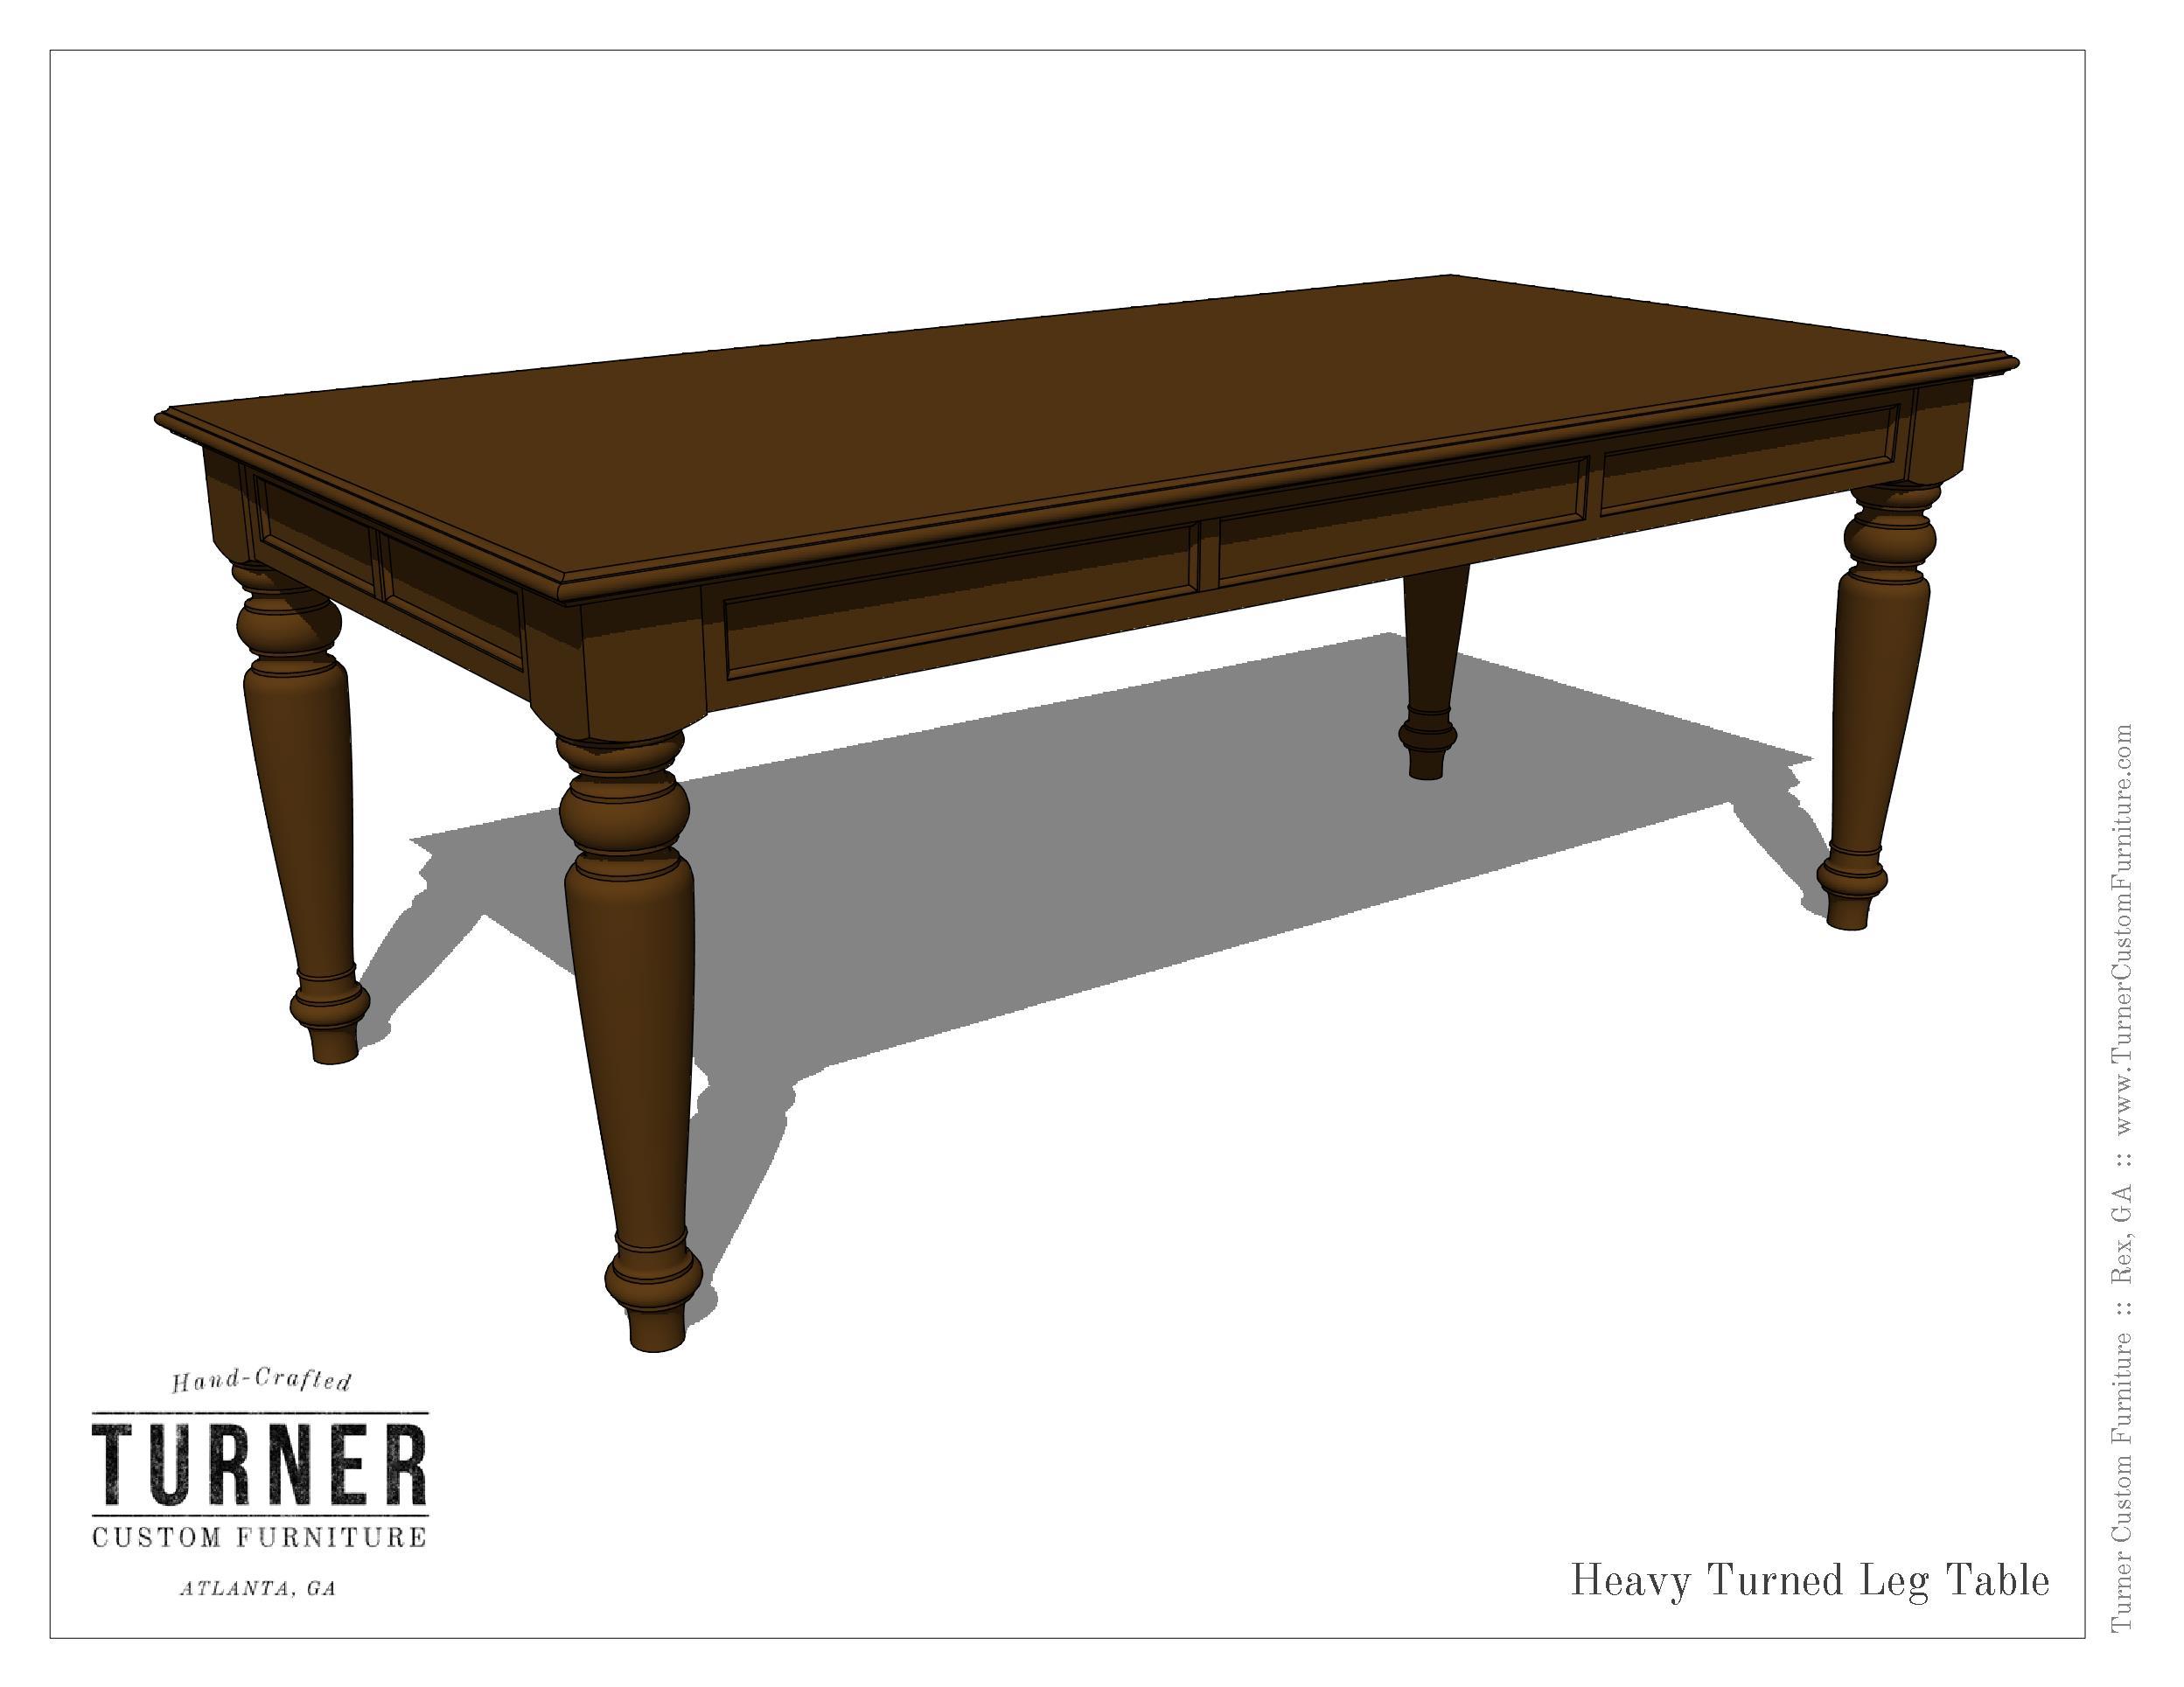 Table Builder_01.jpg